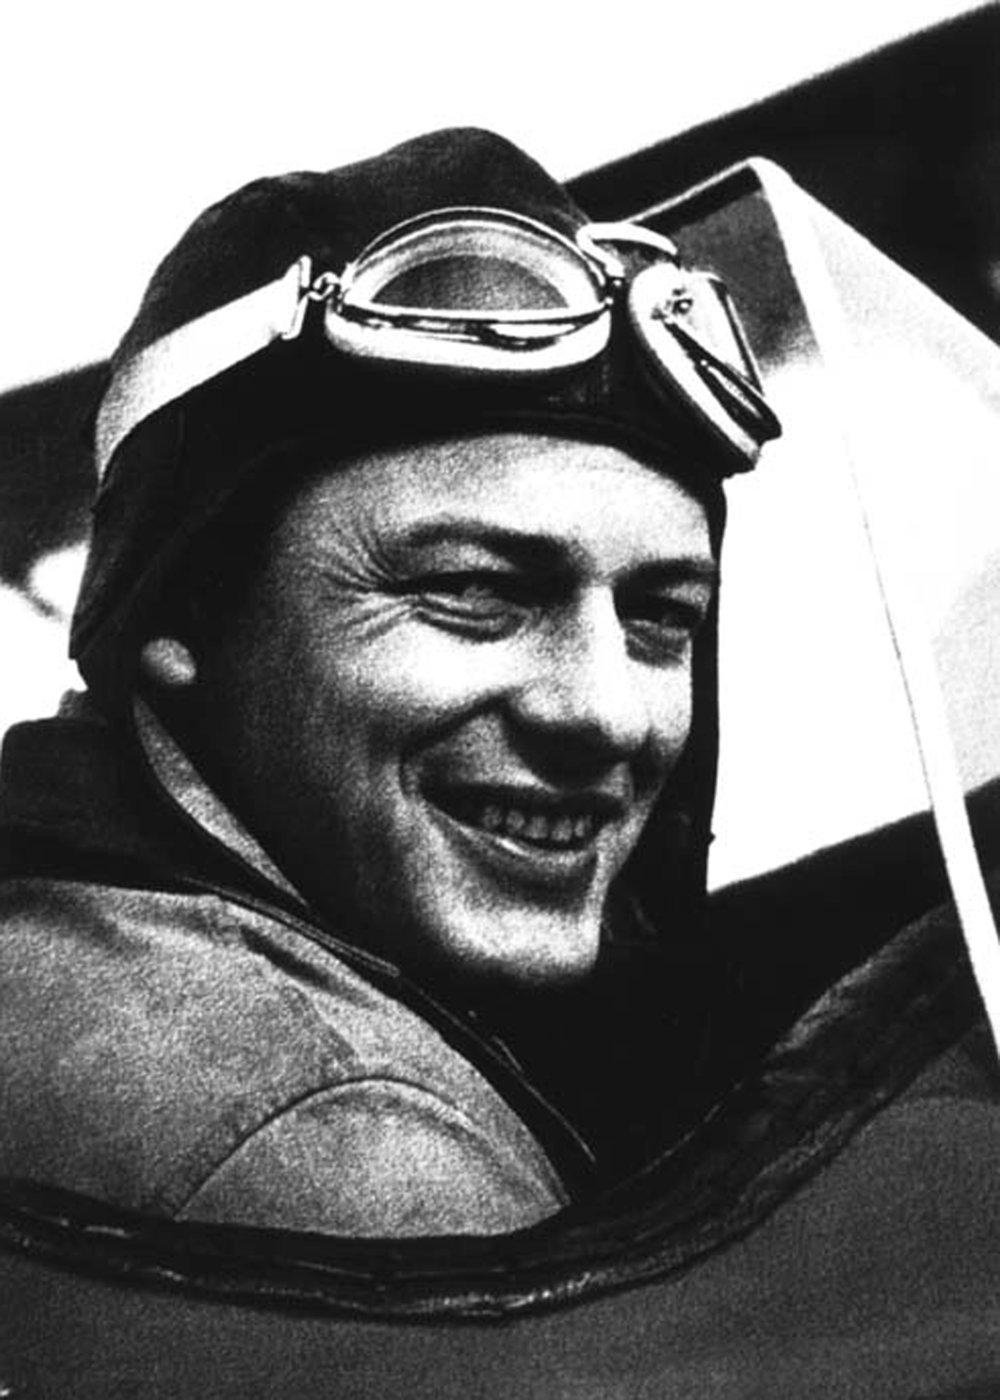 Ernest Gann - Aviator